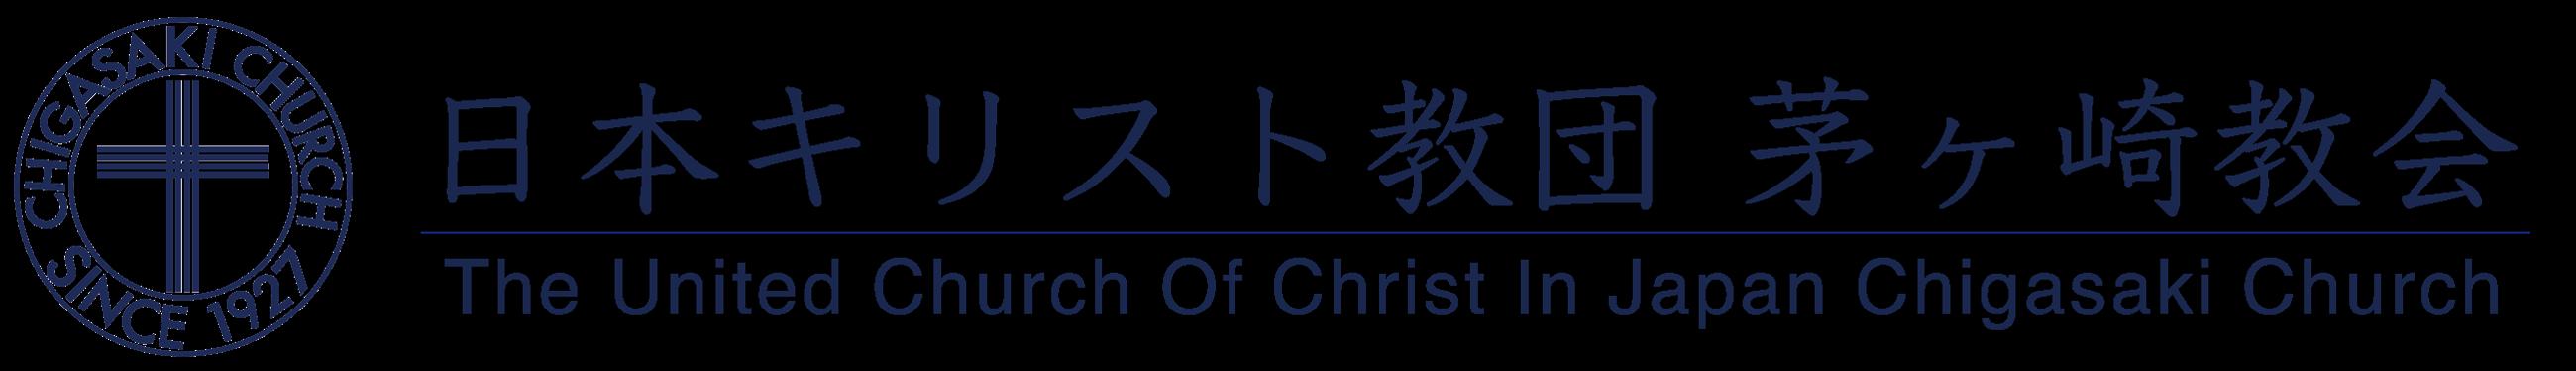 日本キリスト教団茅ケ崎教会Webサイト